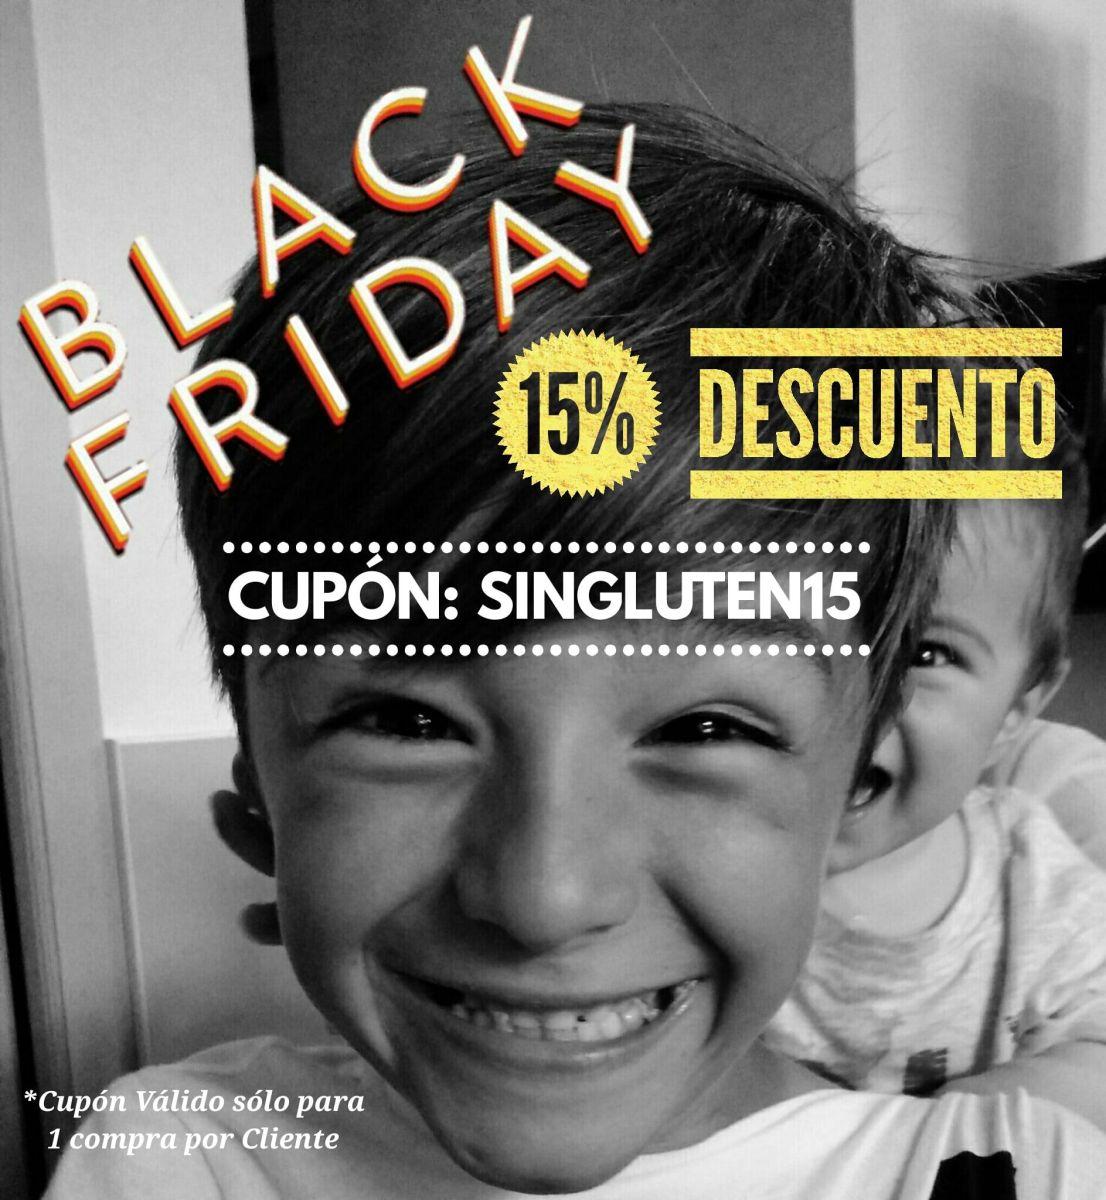 cupon_black_friday_singluten15_www.panaderiajmgarcia.com_alicante